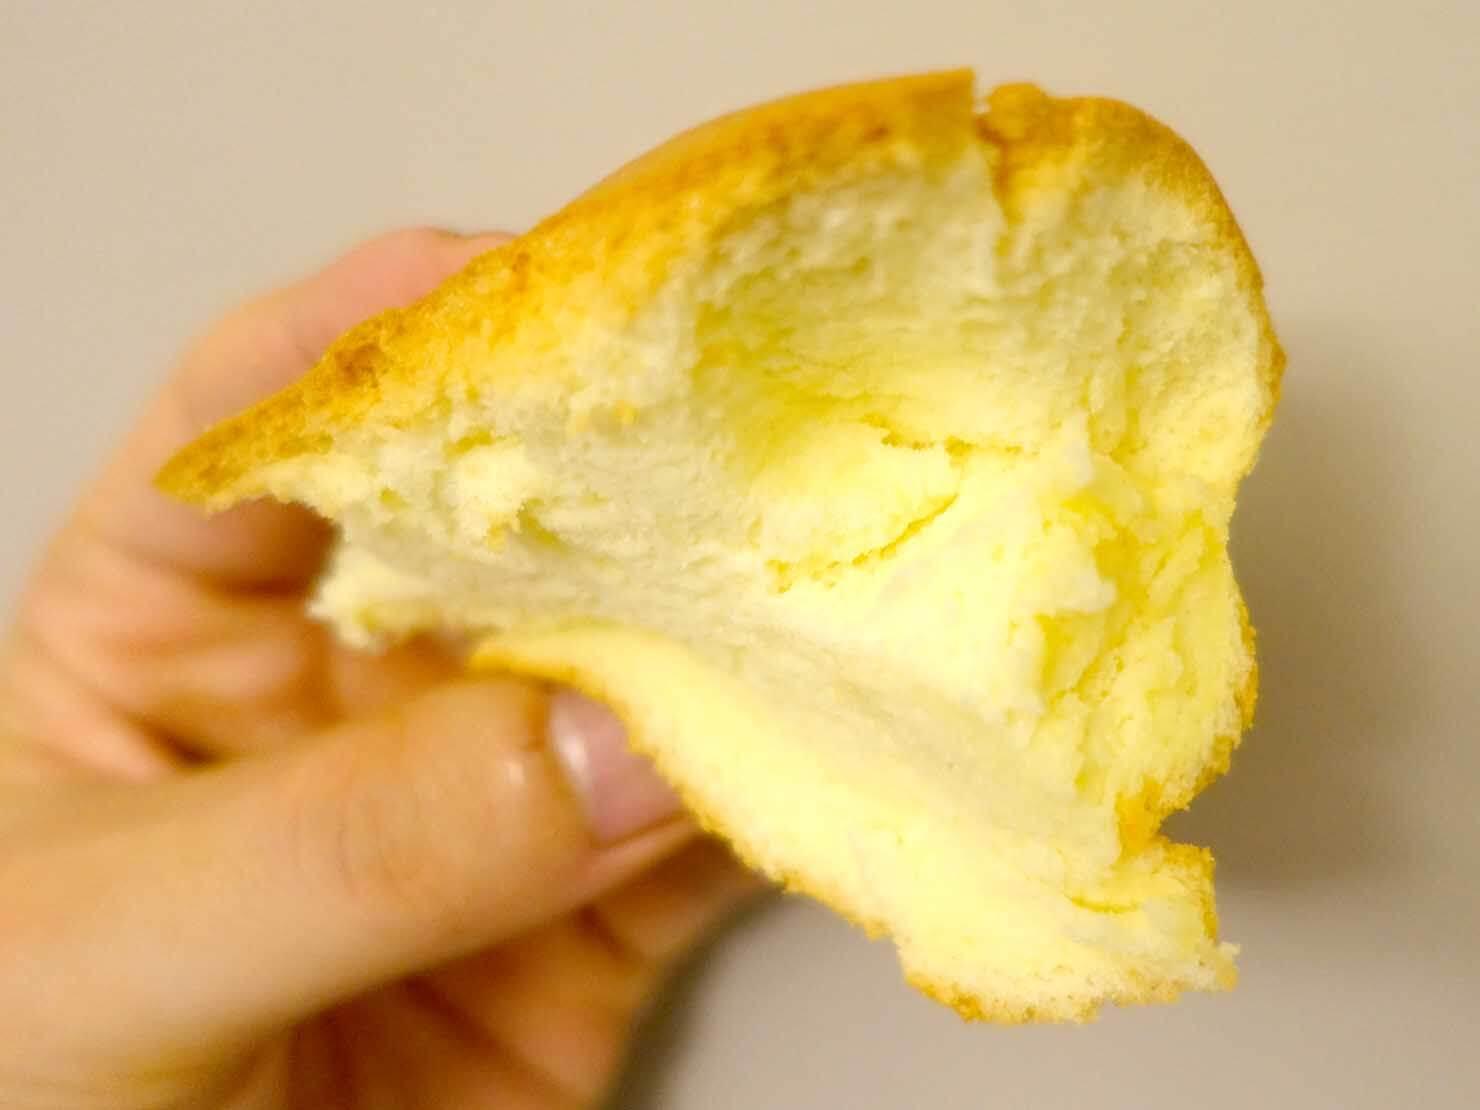 台北・淡水老街のおすすめグルメ店「緣味古早味現烤蛋糕」の原味現烤蛋糕クローズアップ